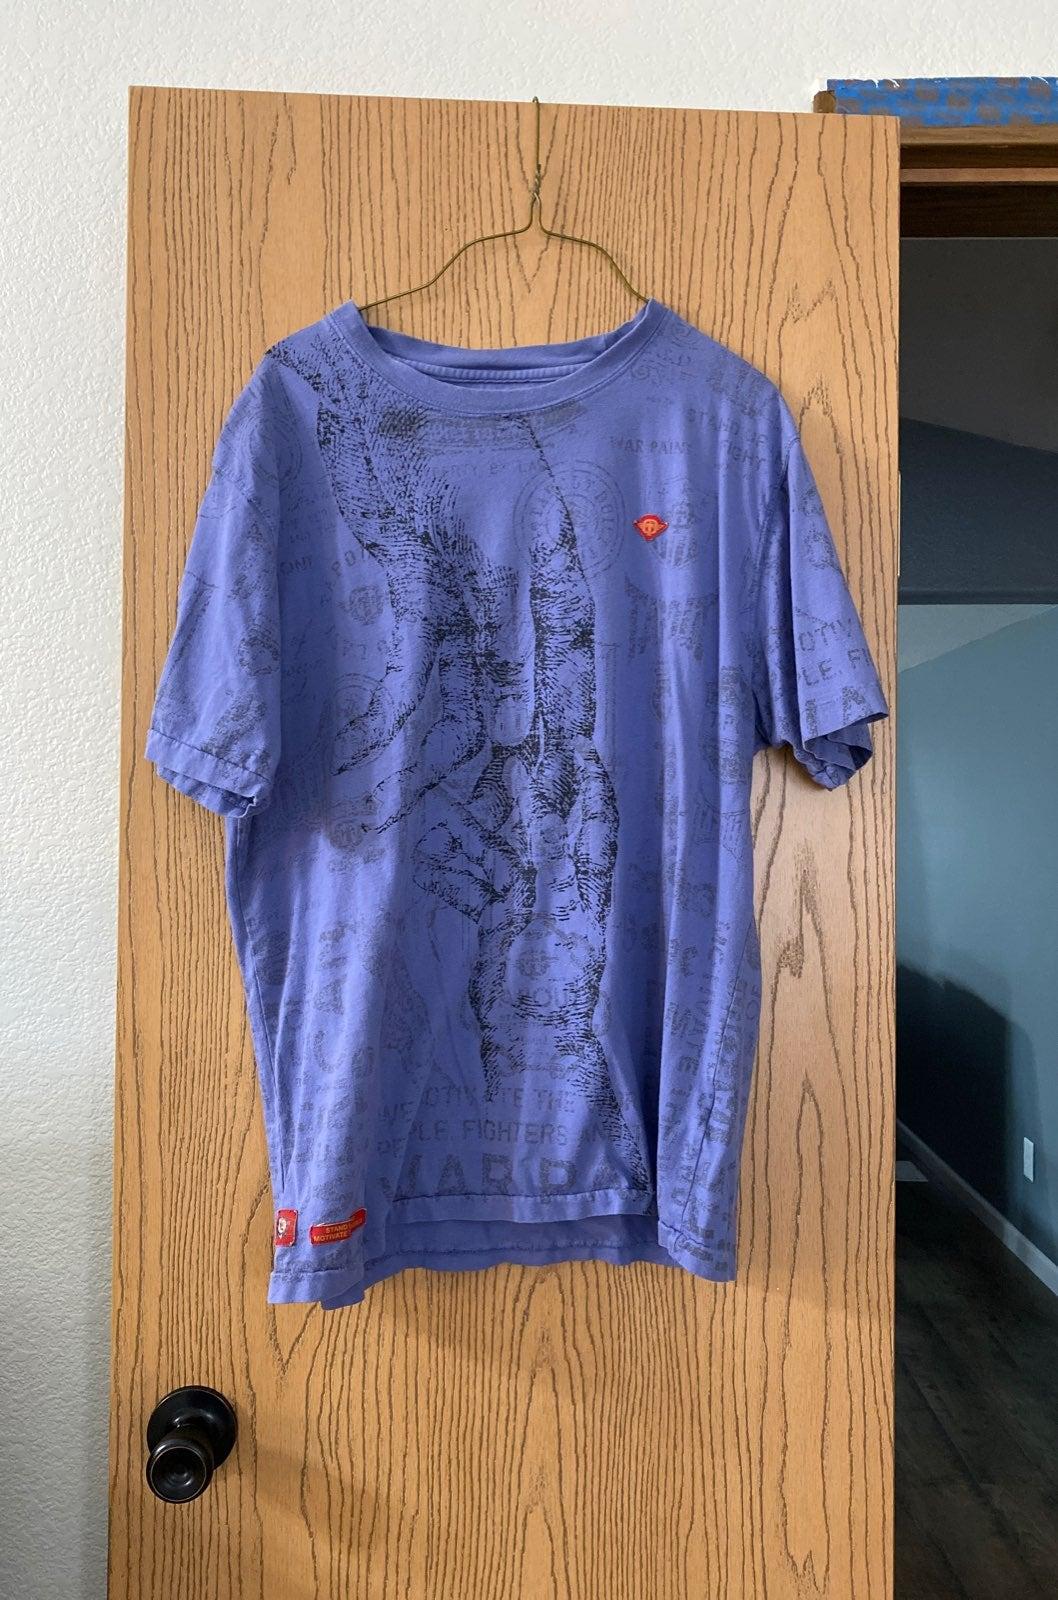 Men's Tapout shirt